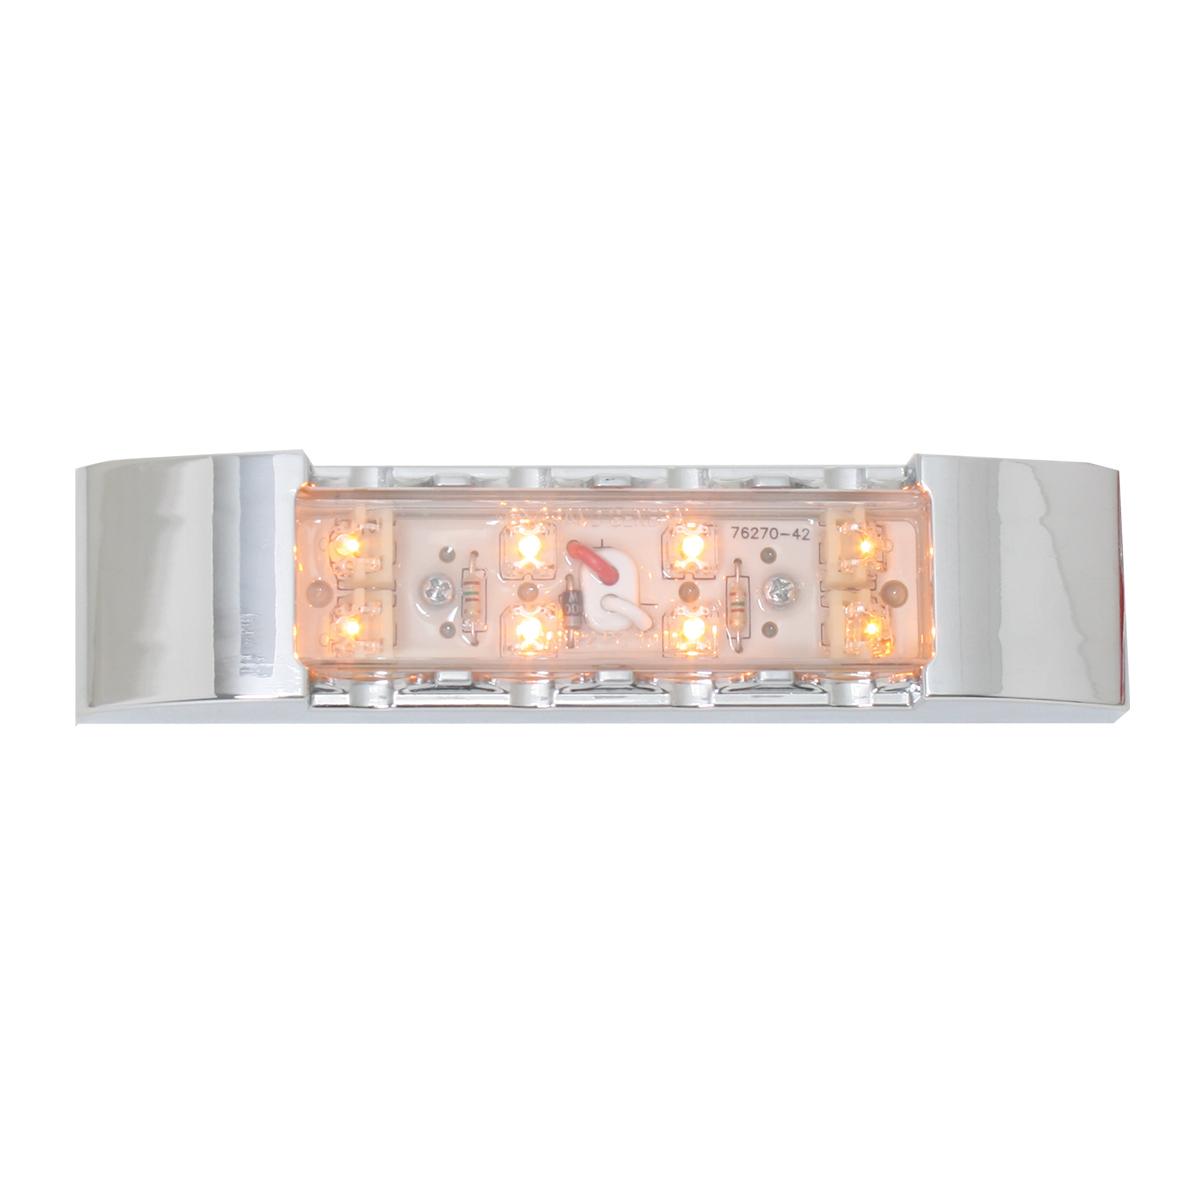 76181 Rectangular Wide Angle LED Light w/ Chrome Plastic Bezel